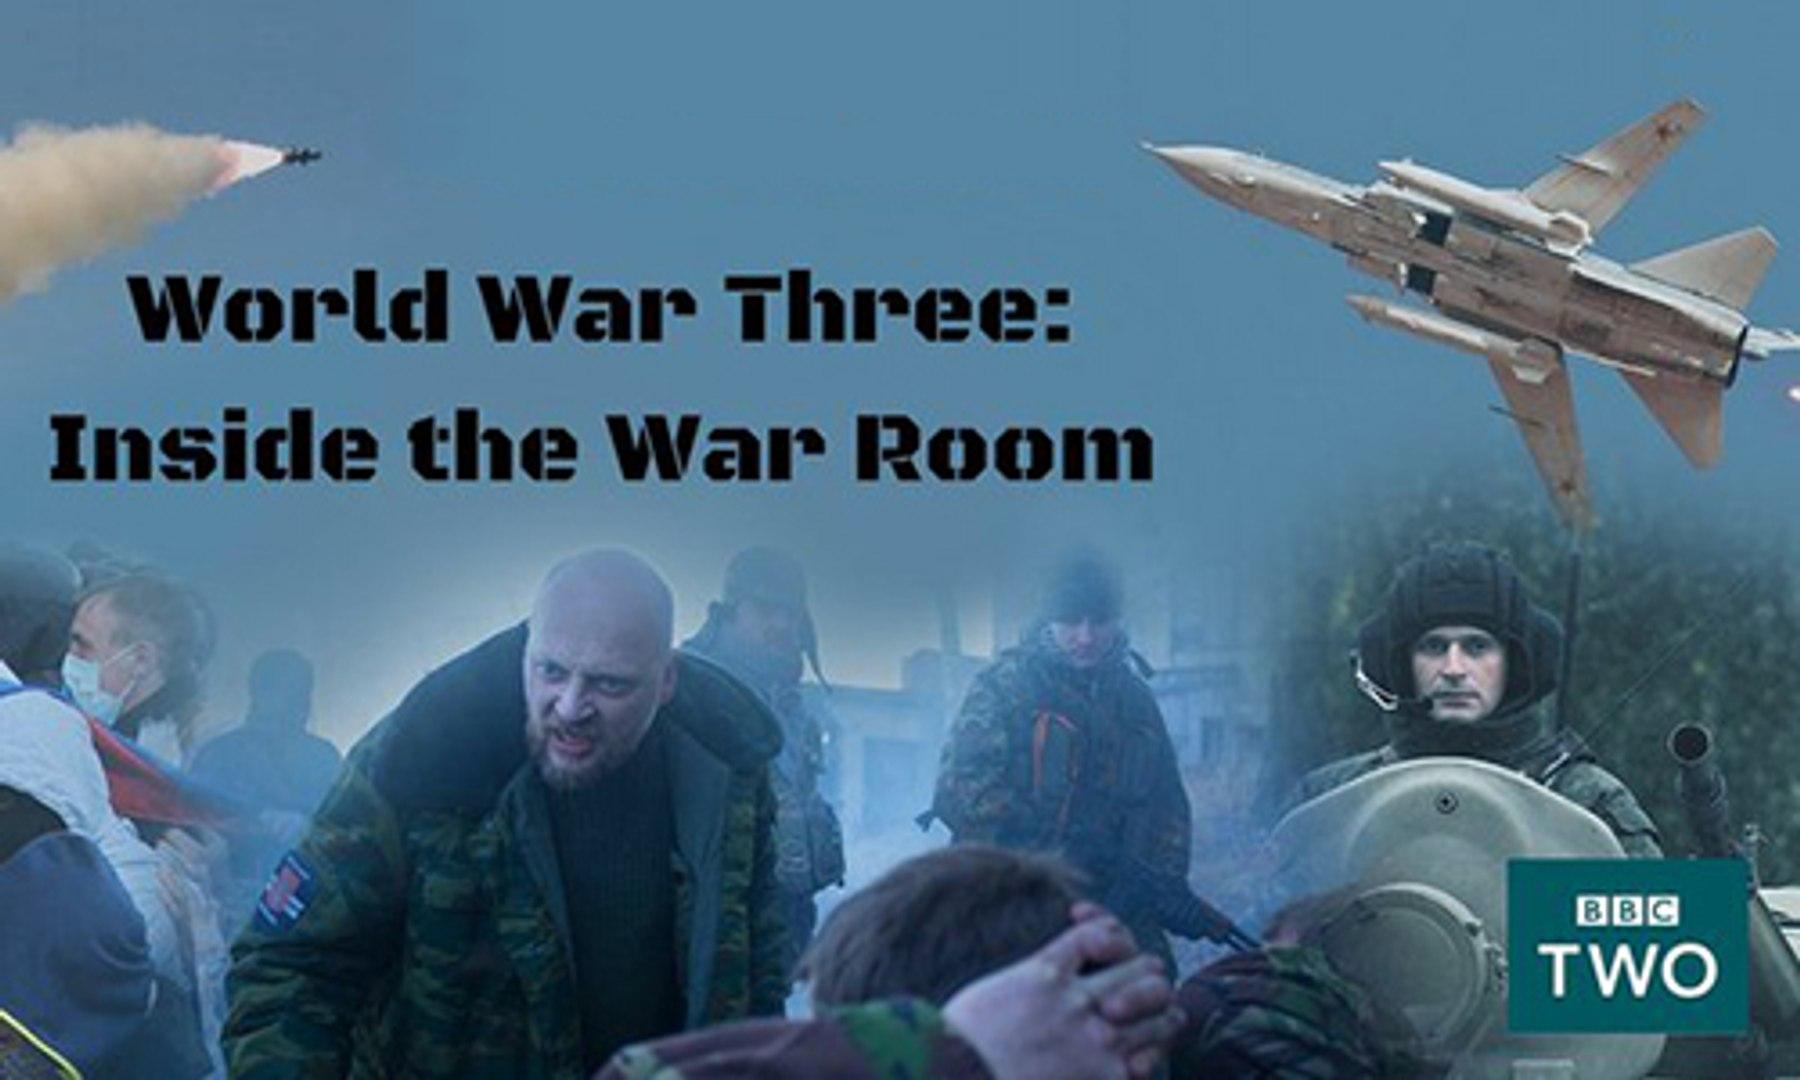 BBC Третья мировая война: взгляд из командного пункта (2016) Перевод: Профессиональный многоголосый